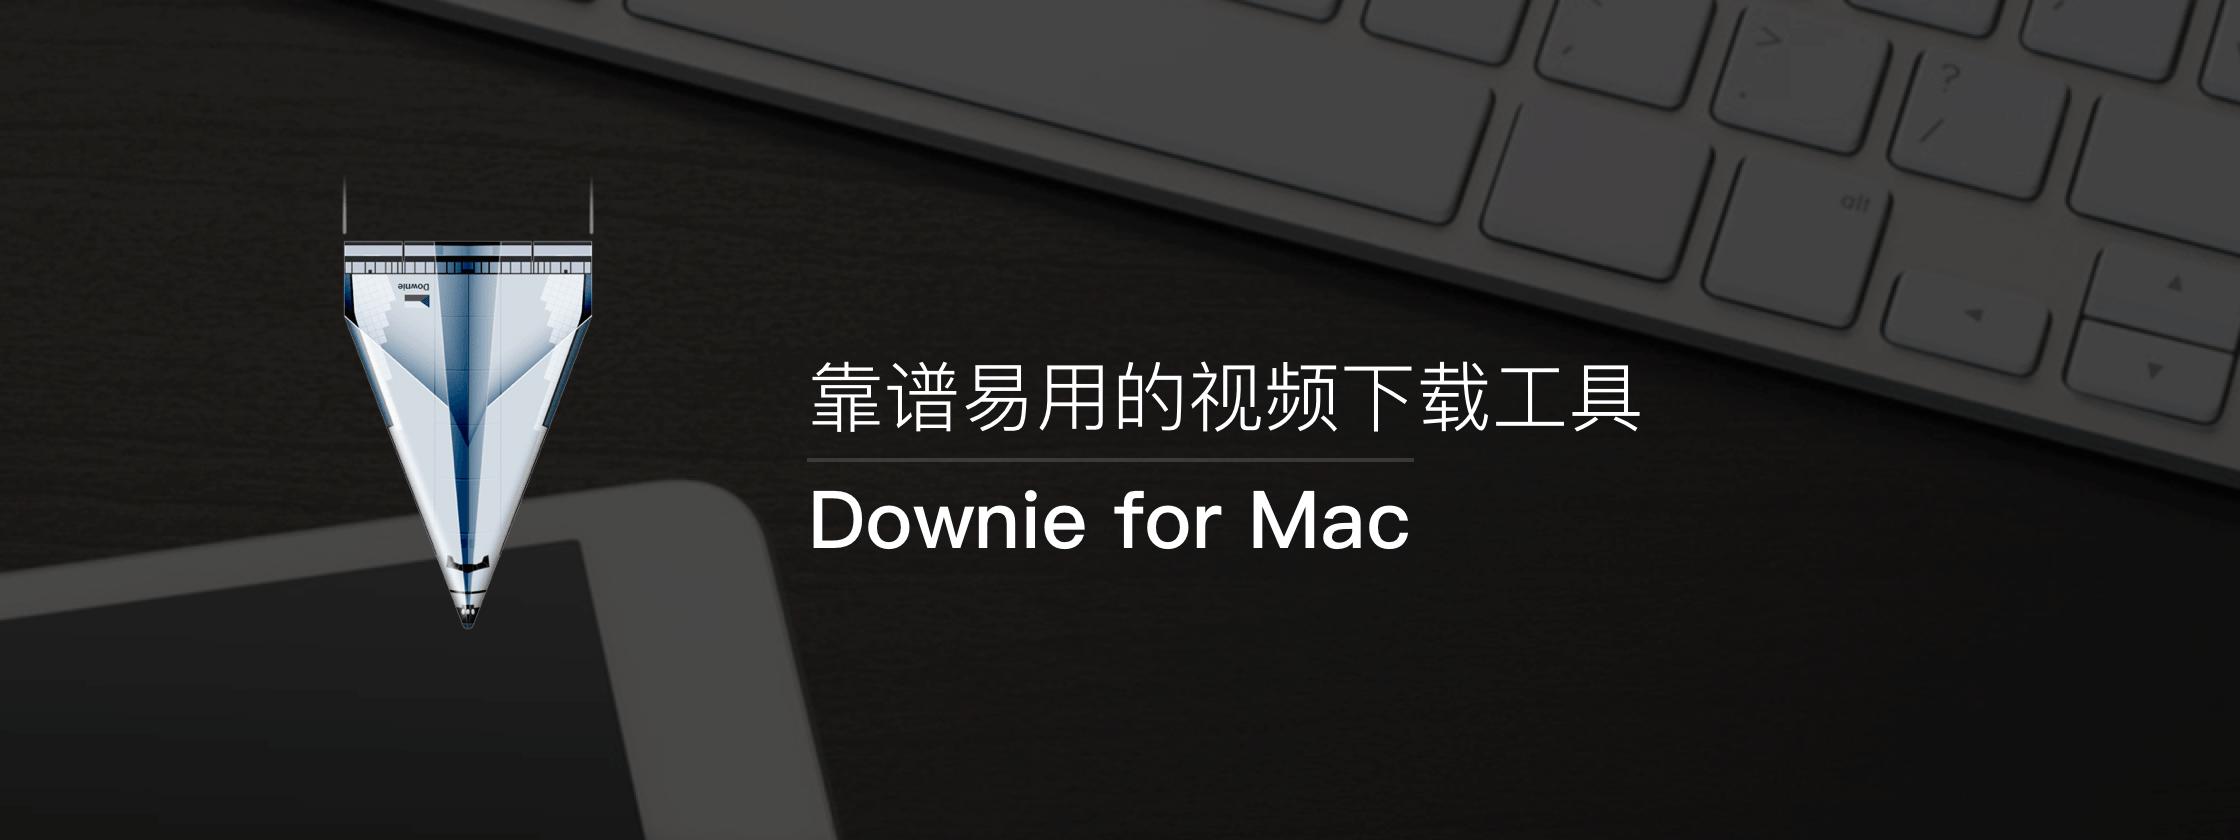 Downie for Mac – 靠谱易用的视频下载工具